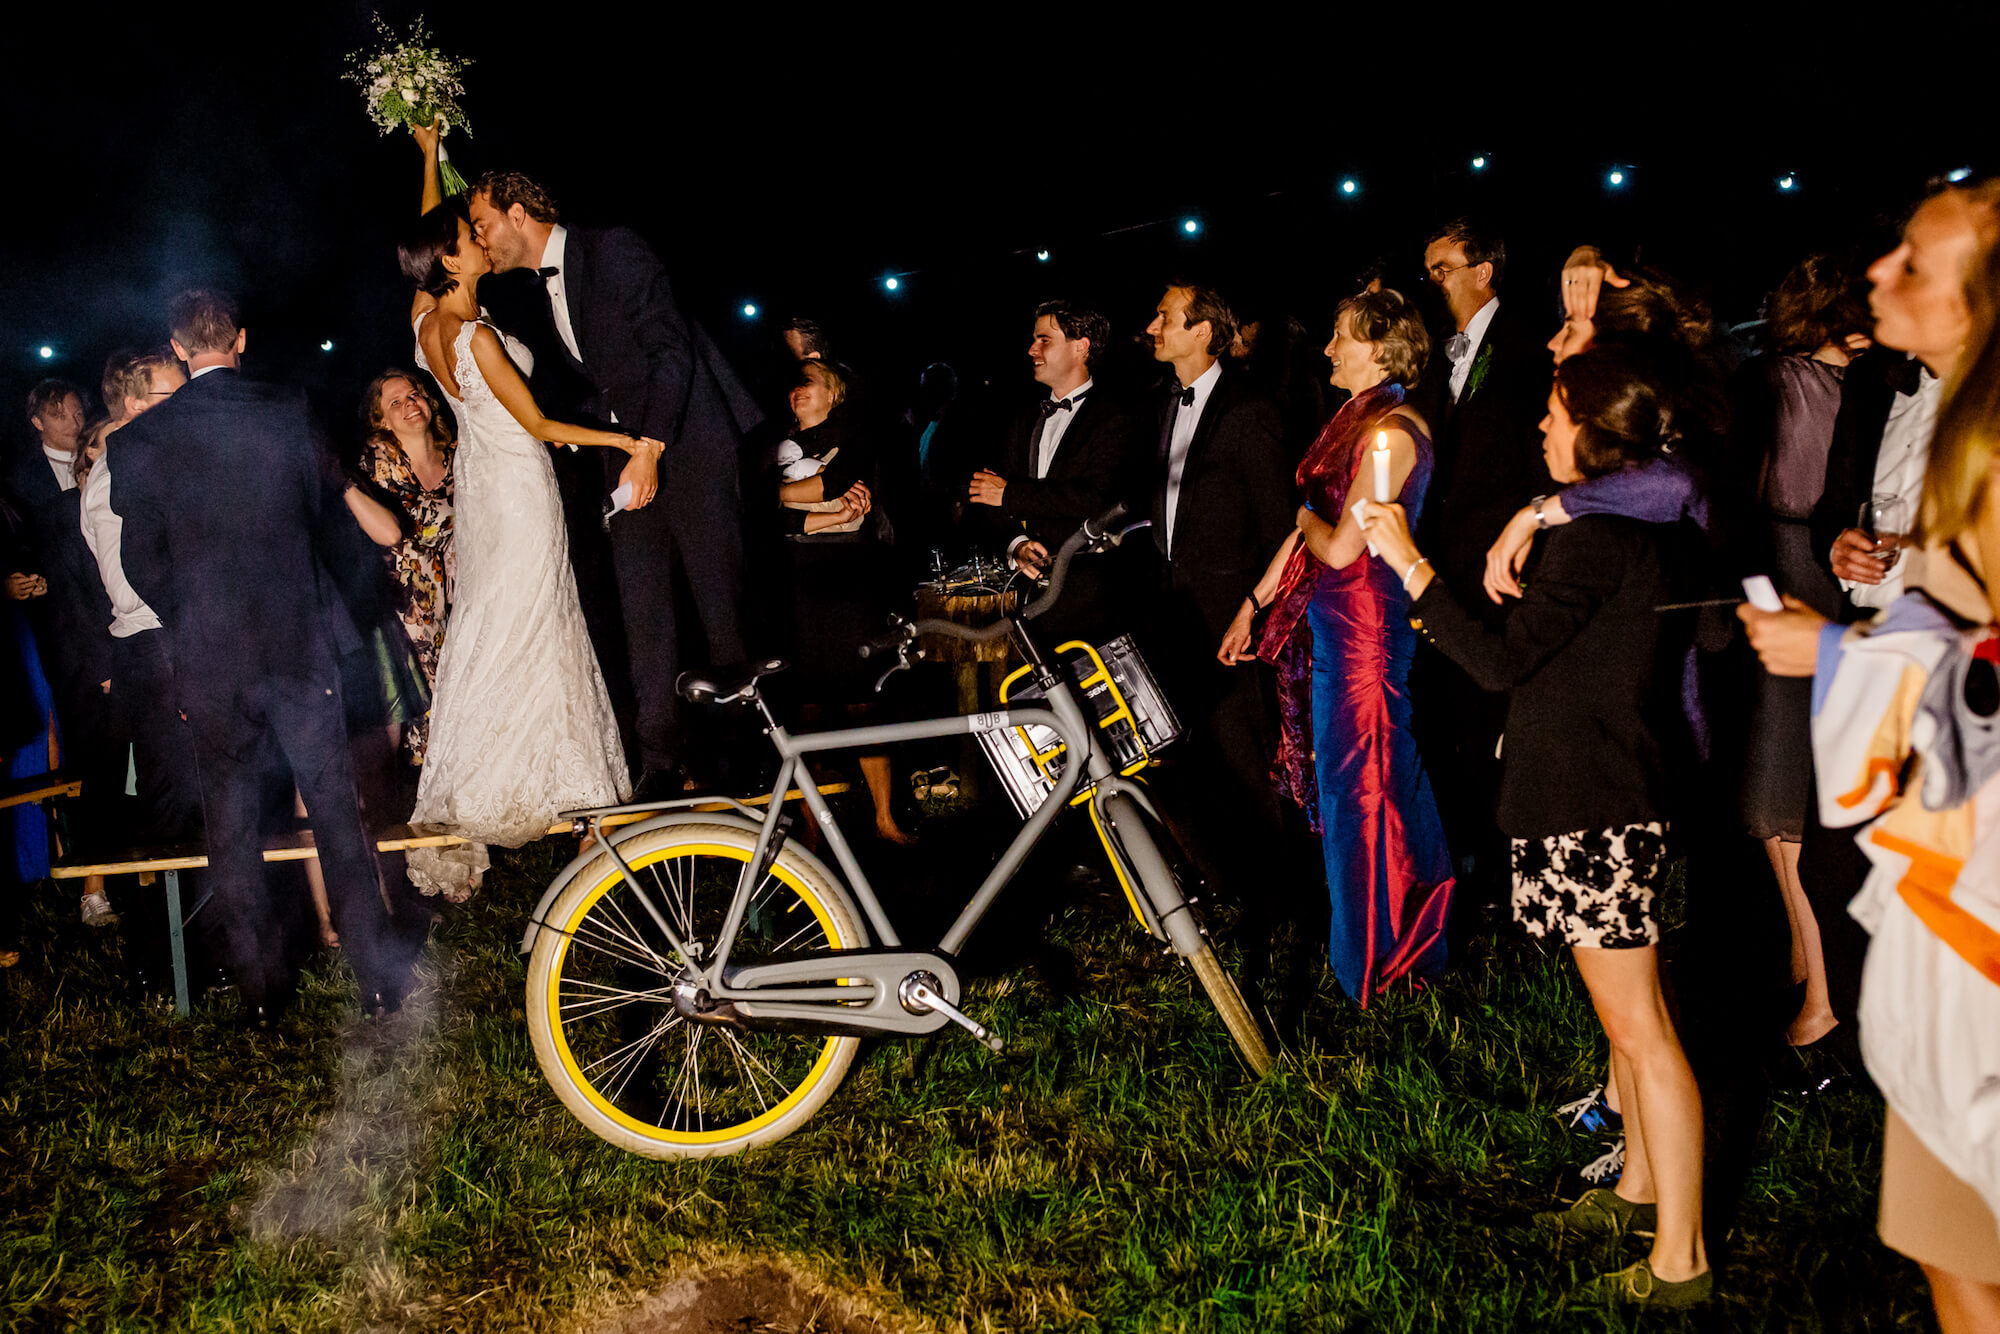 buitenbruiloft-landgoed-pijnenburg-soest-utrecht-bruidsfotograaf-57b.jpg